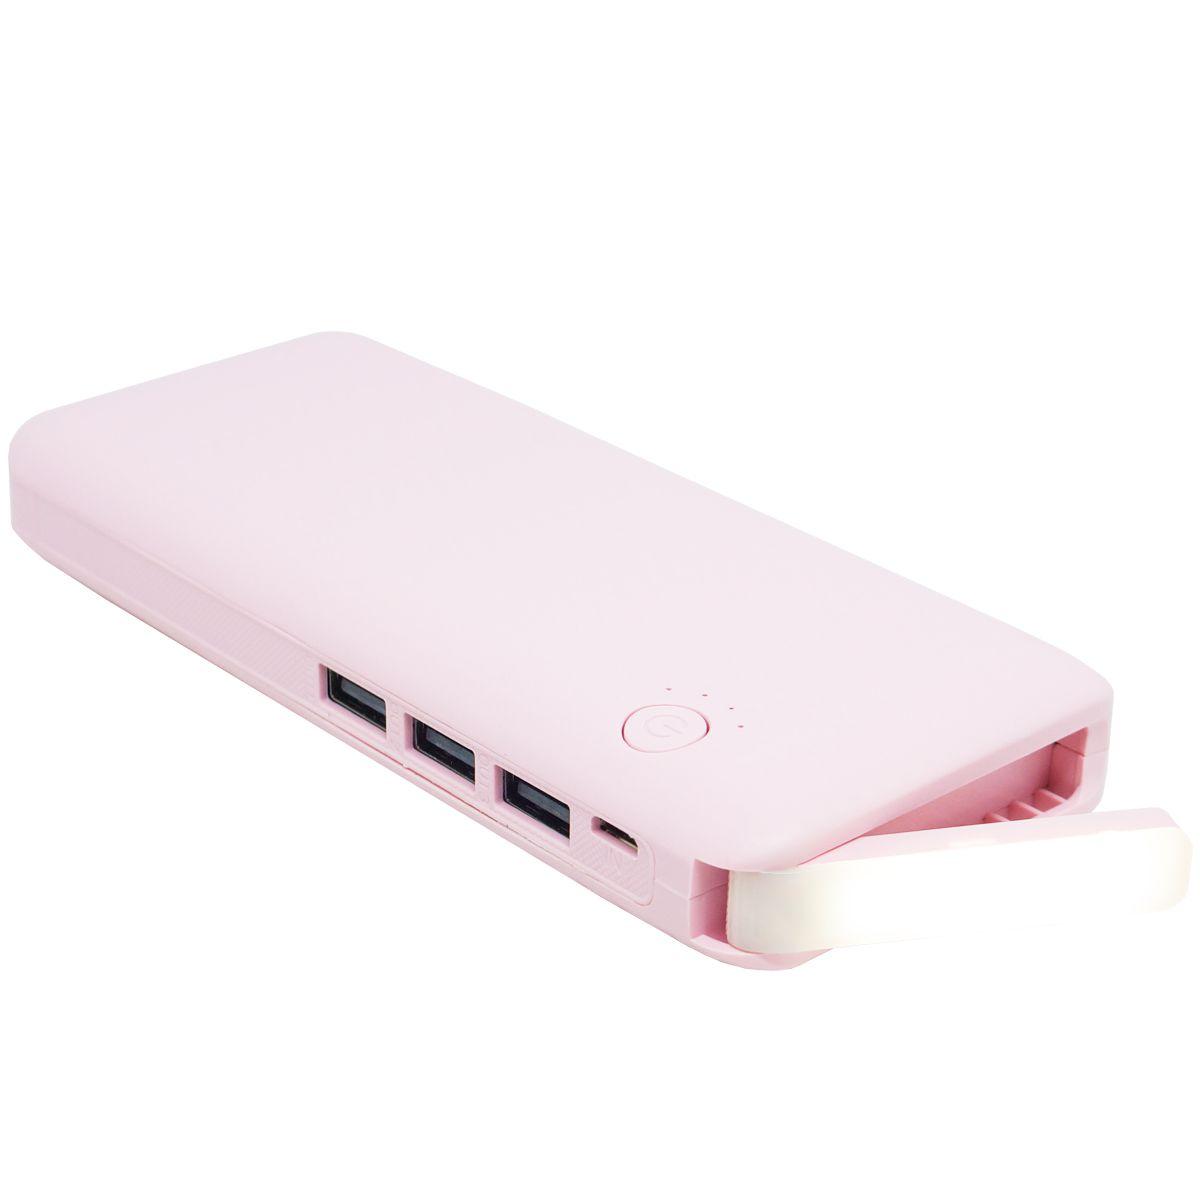 Carregador Portátil Power Bank Bateria 10000 mAh Celular 3x Usb Lanterna Exbom PB-MX10 Rosa